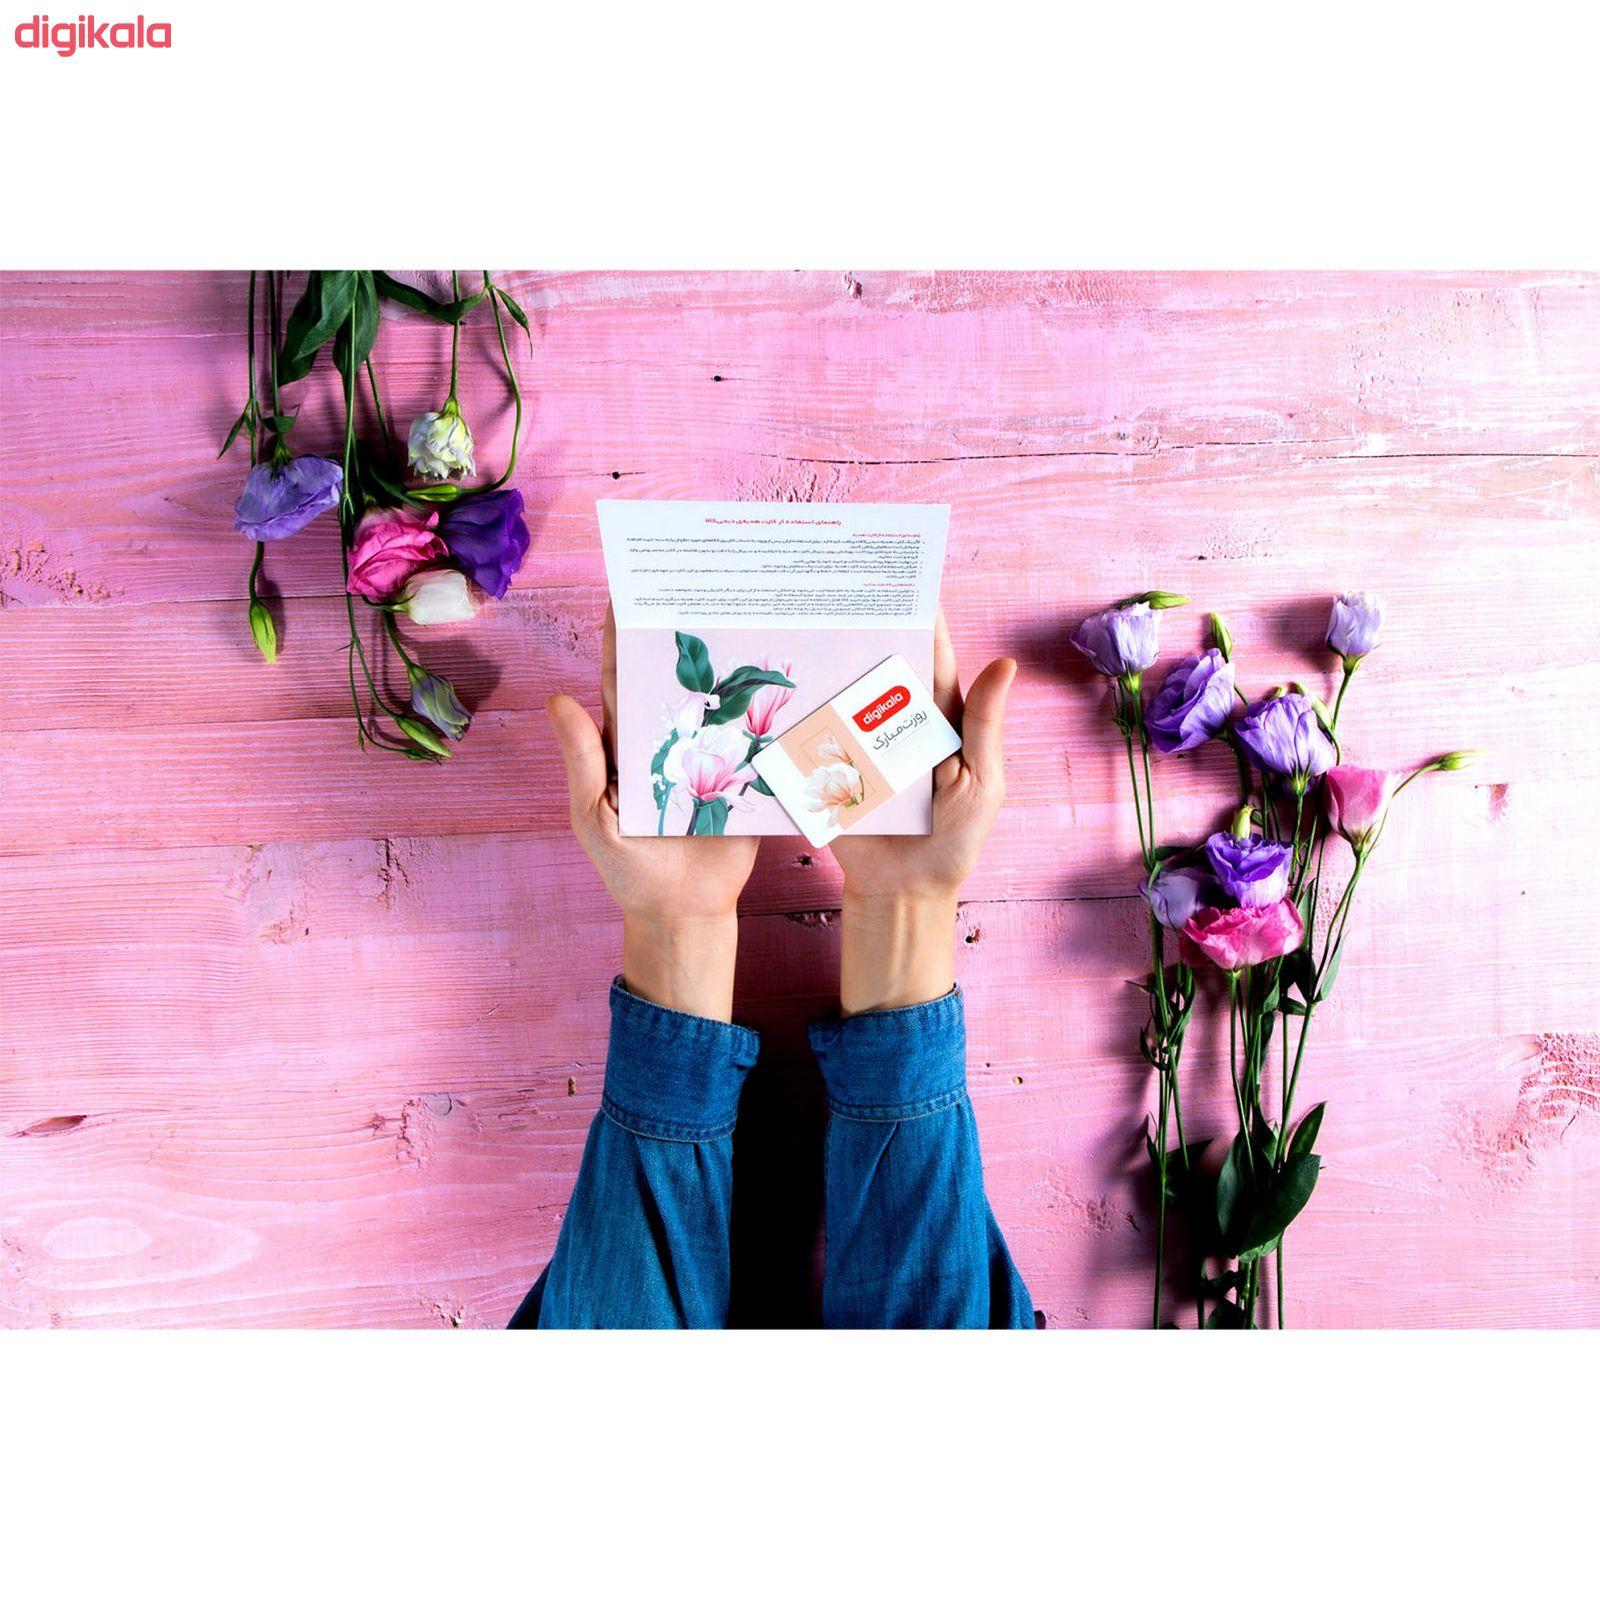 کارت هدیه دیجی کالا به ارزش 200,000 تومان طرح روز زن  main 1 3